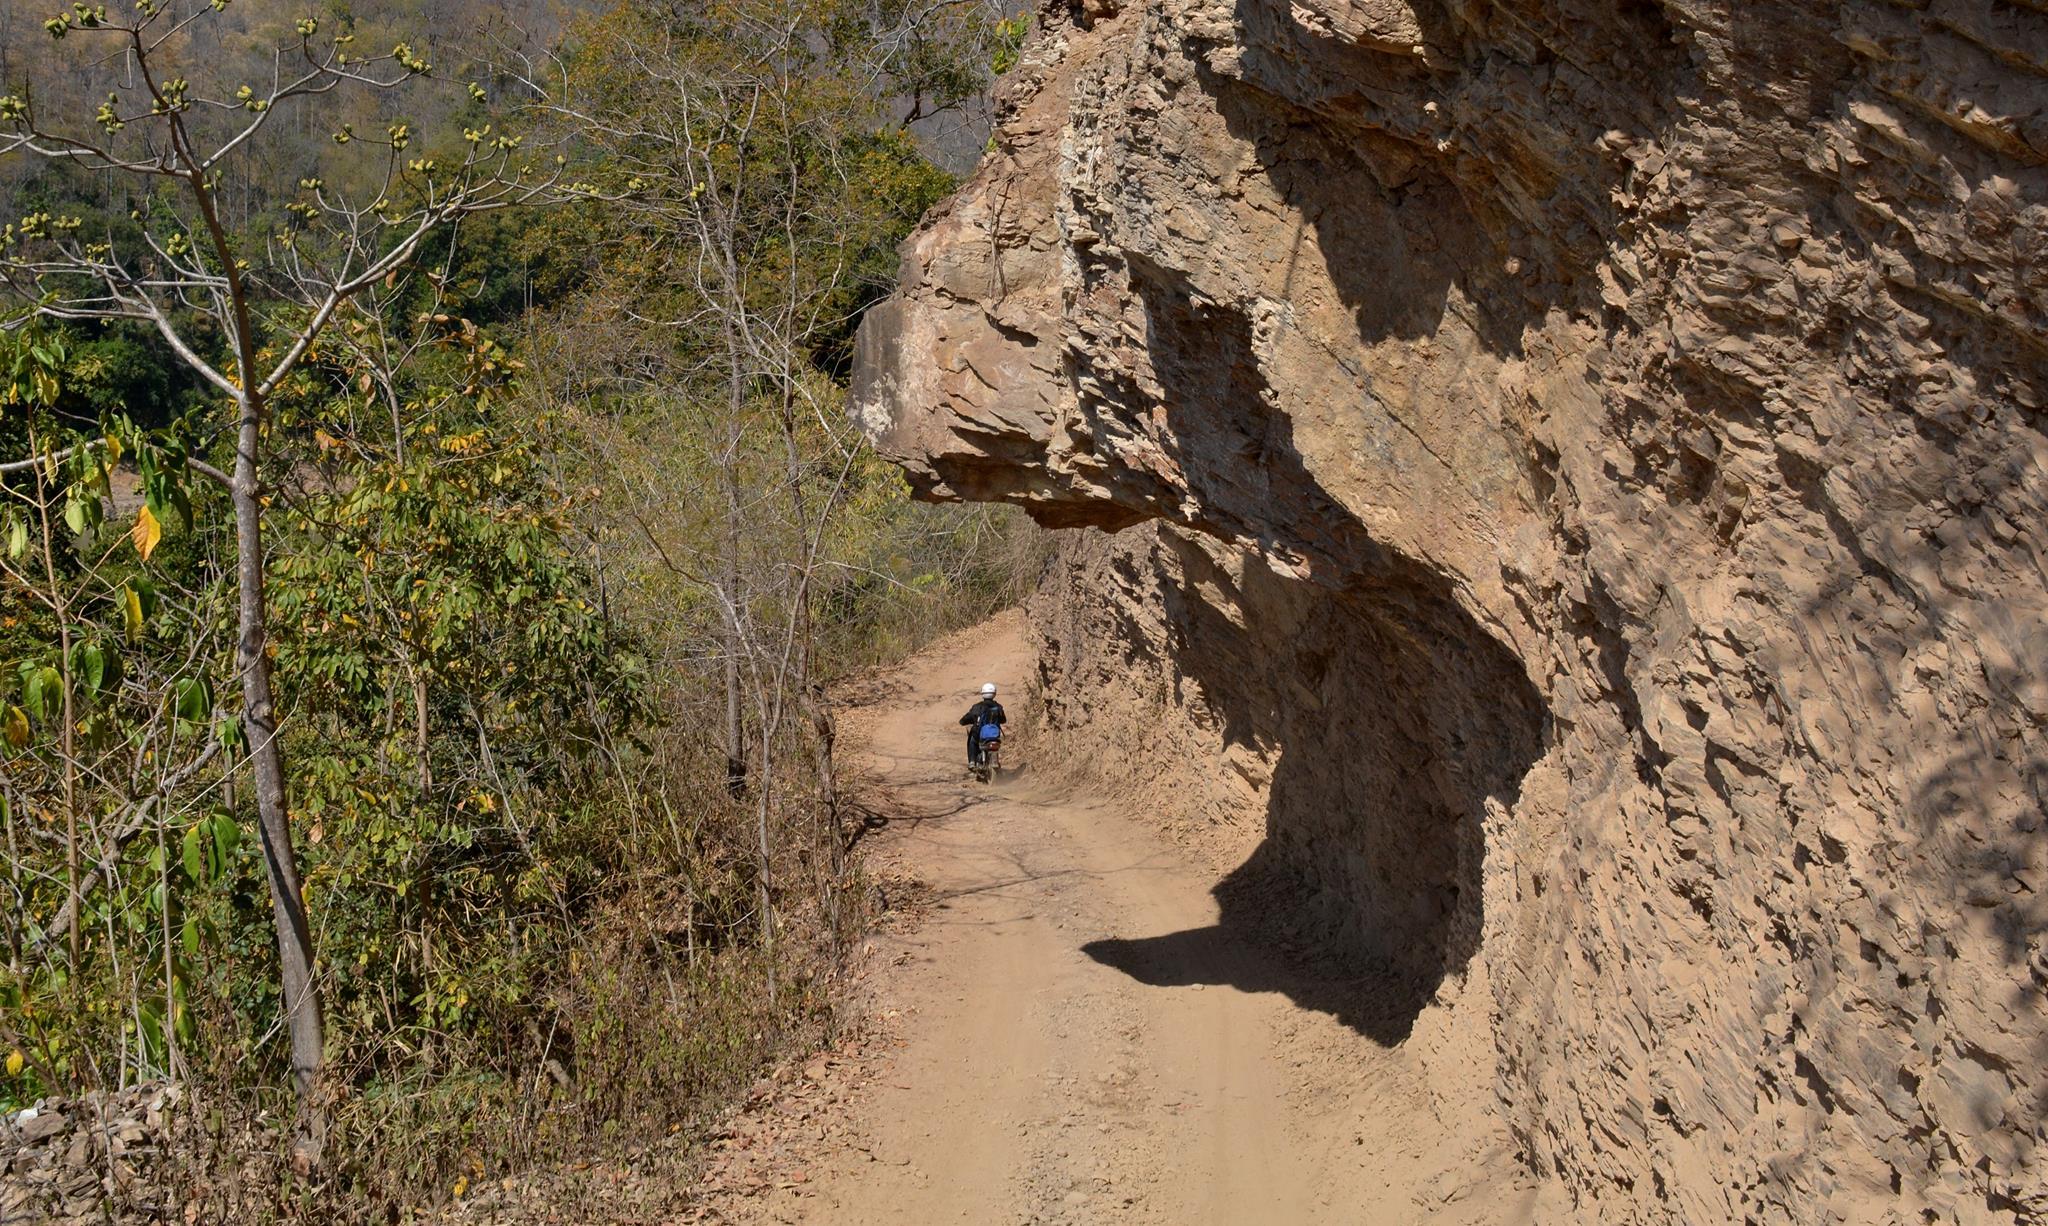 တာတမော့(ရှားတော) -ဘီပီ ၉ လမ်းကြောင်းသစ် စတင်ရှာဖွေ